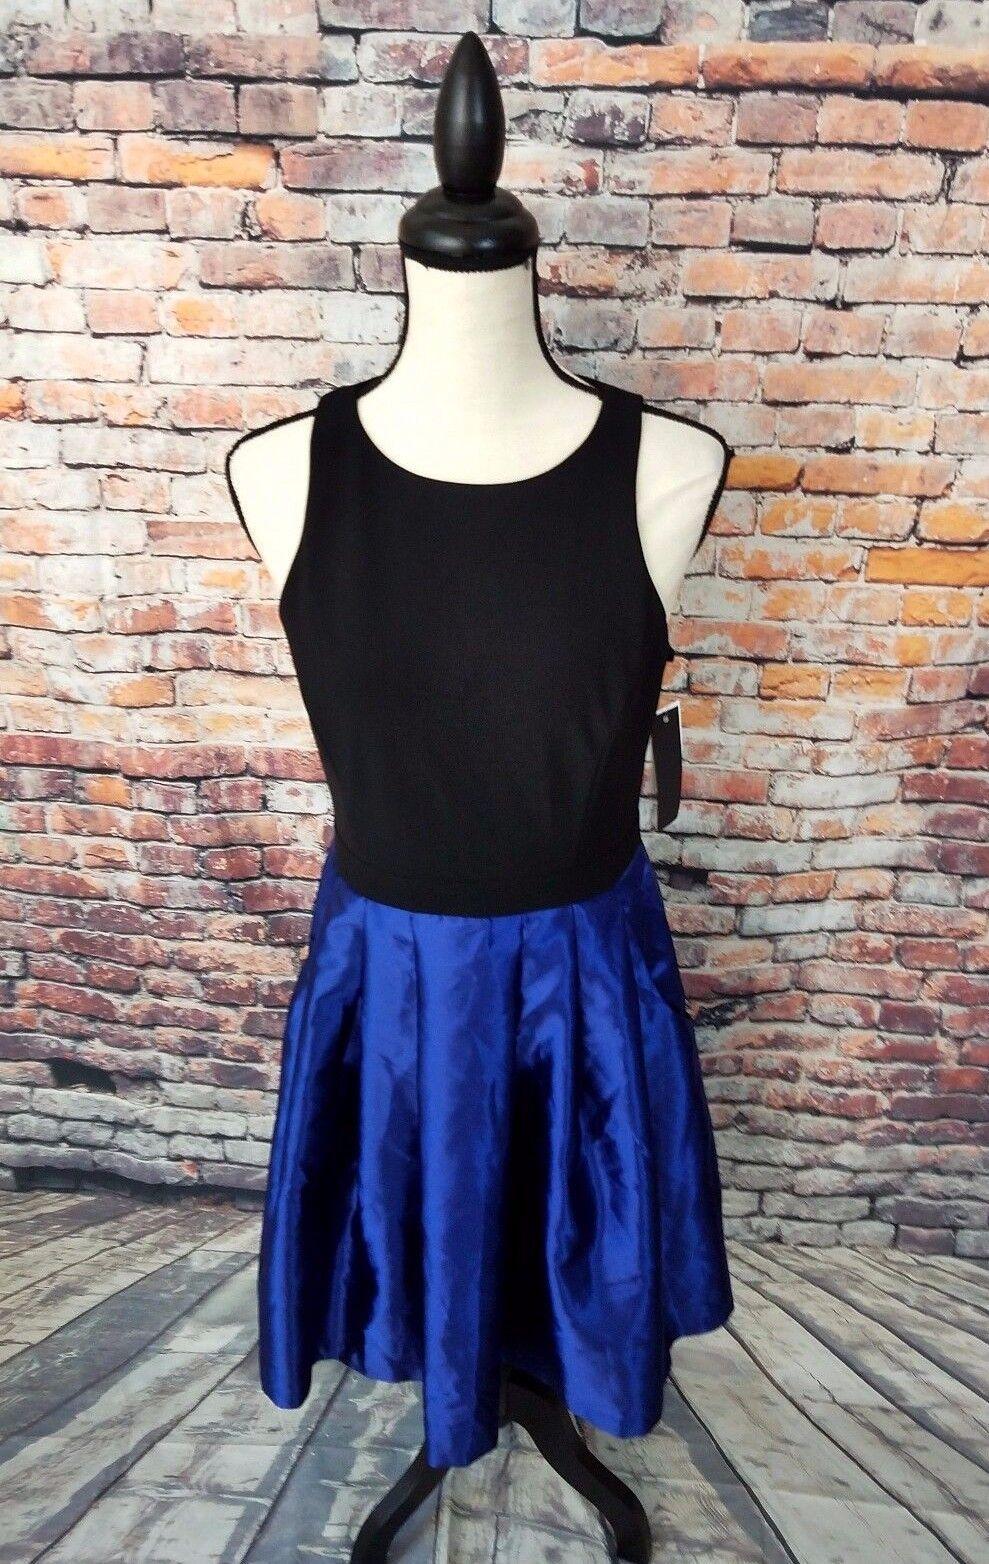 NWT  Aqua Sleeveless schwarz Navy Blau Poly Blend A-Line Halter Dress Sz 8 NEW